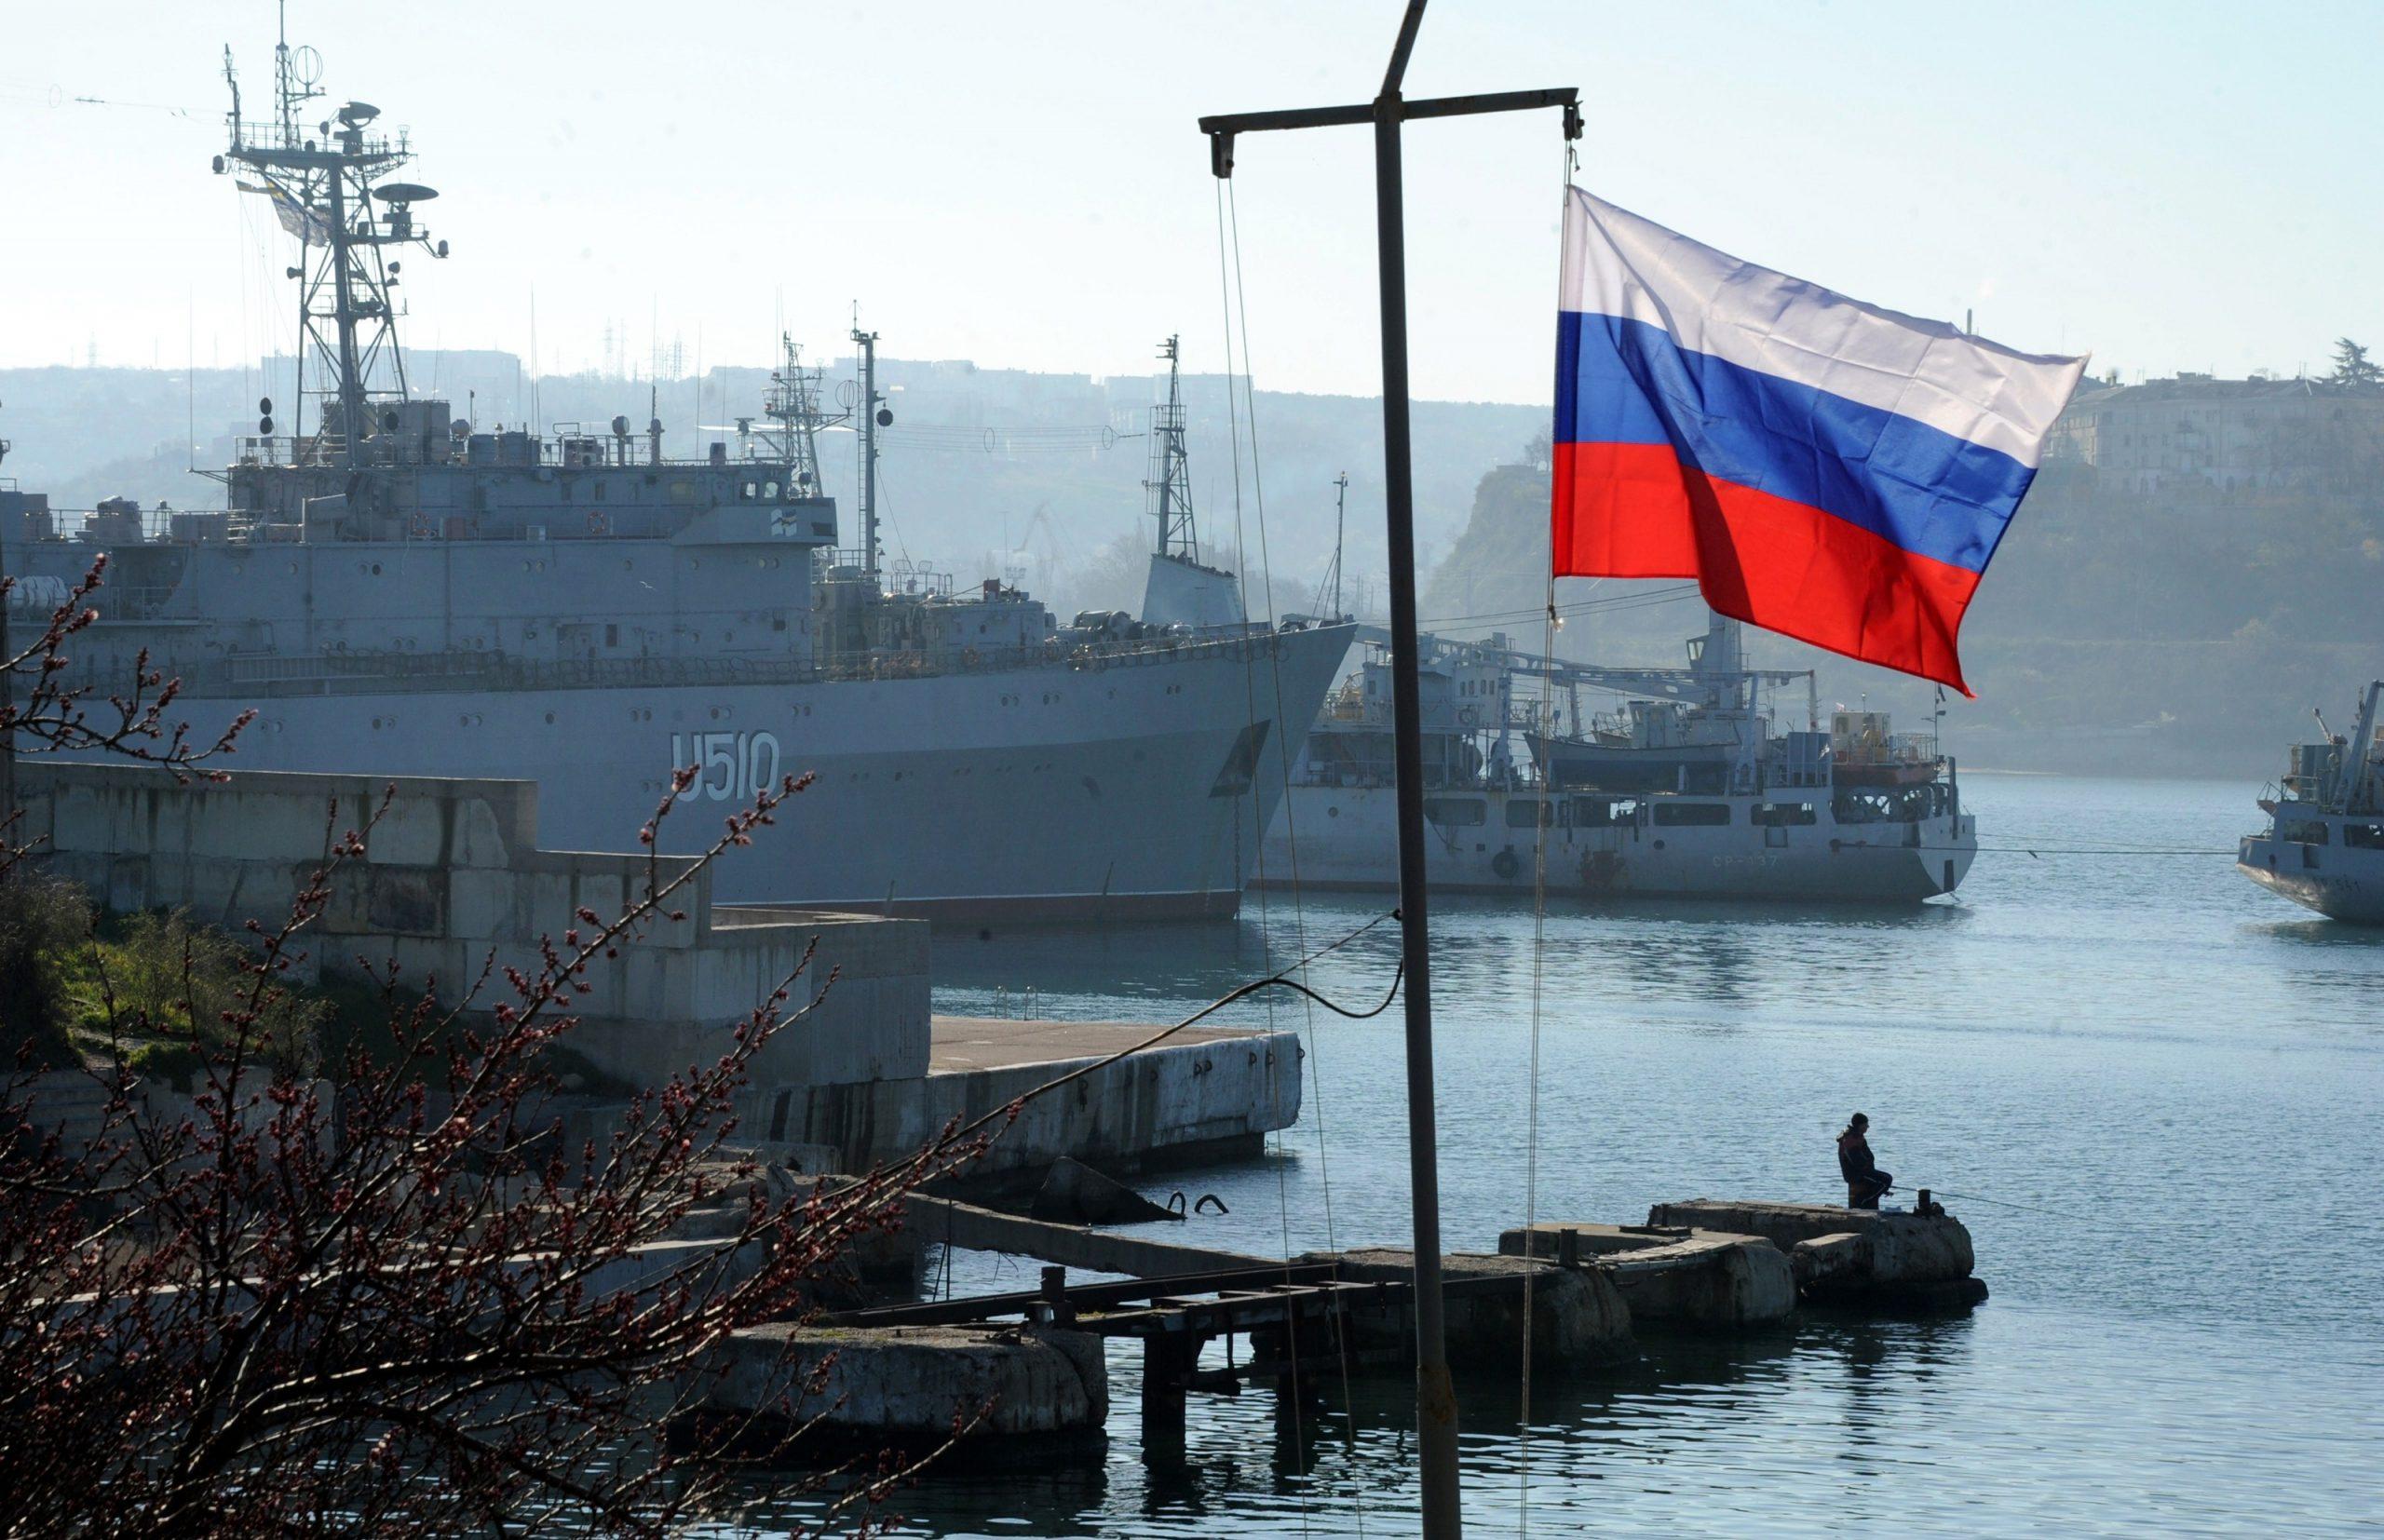 Kanada und Australien verhängen wegen Krim-Annexion neue Sanktionen gegen Russland